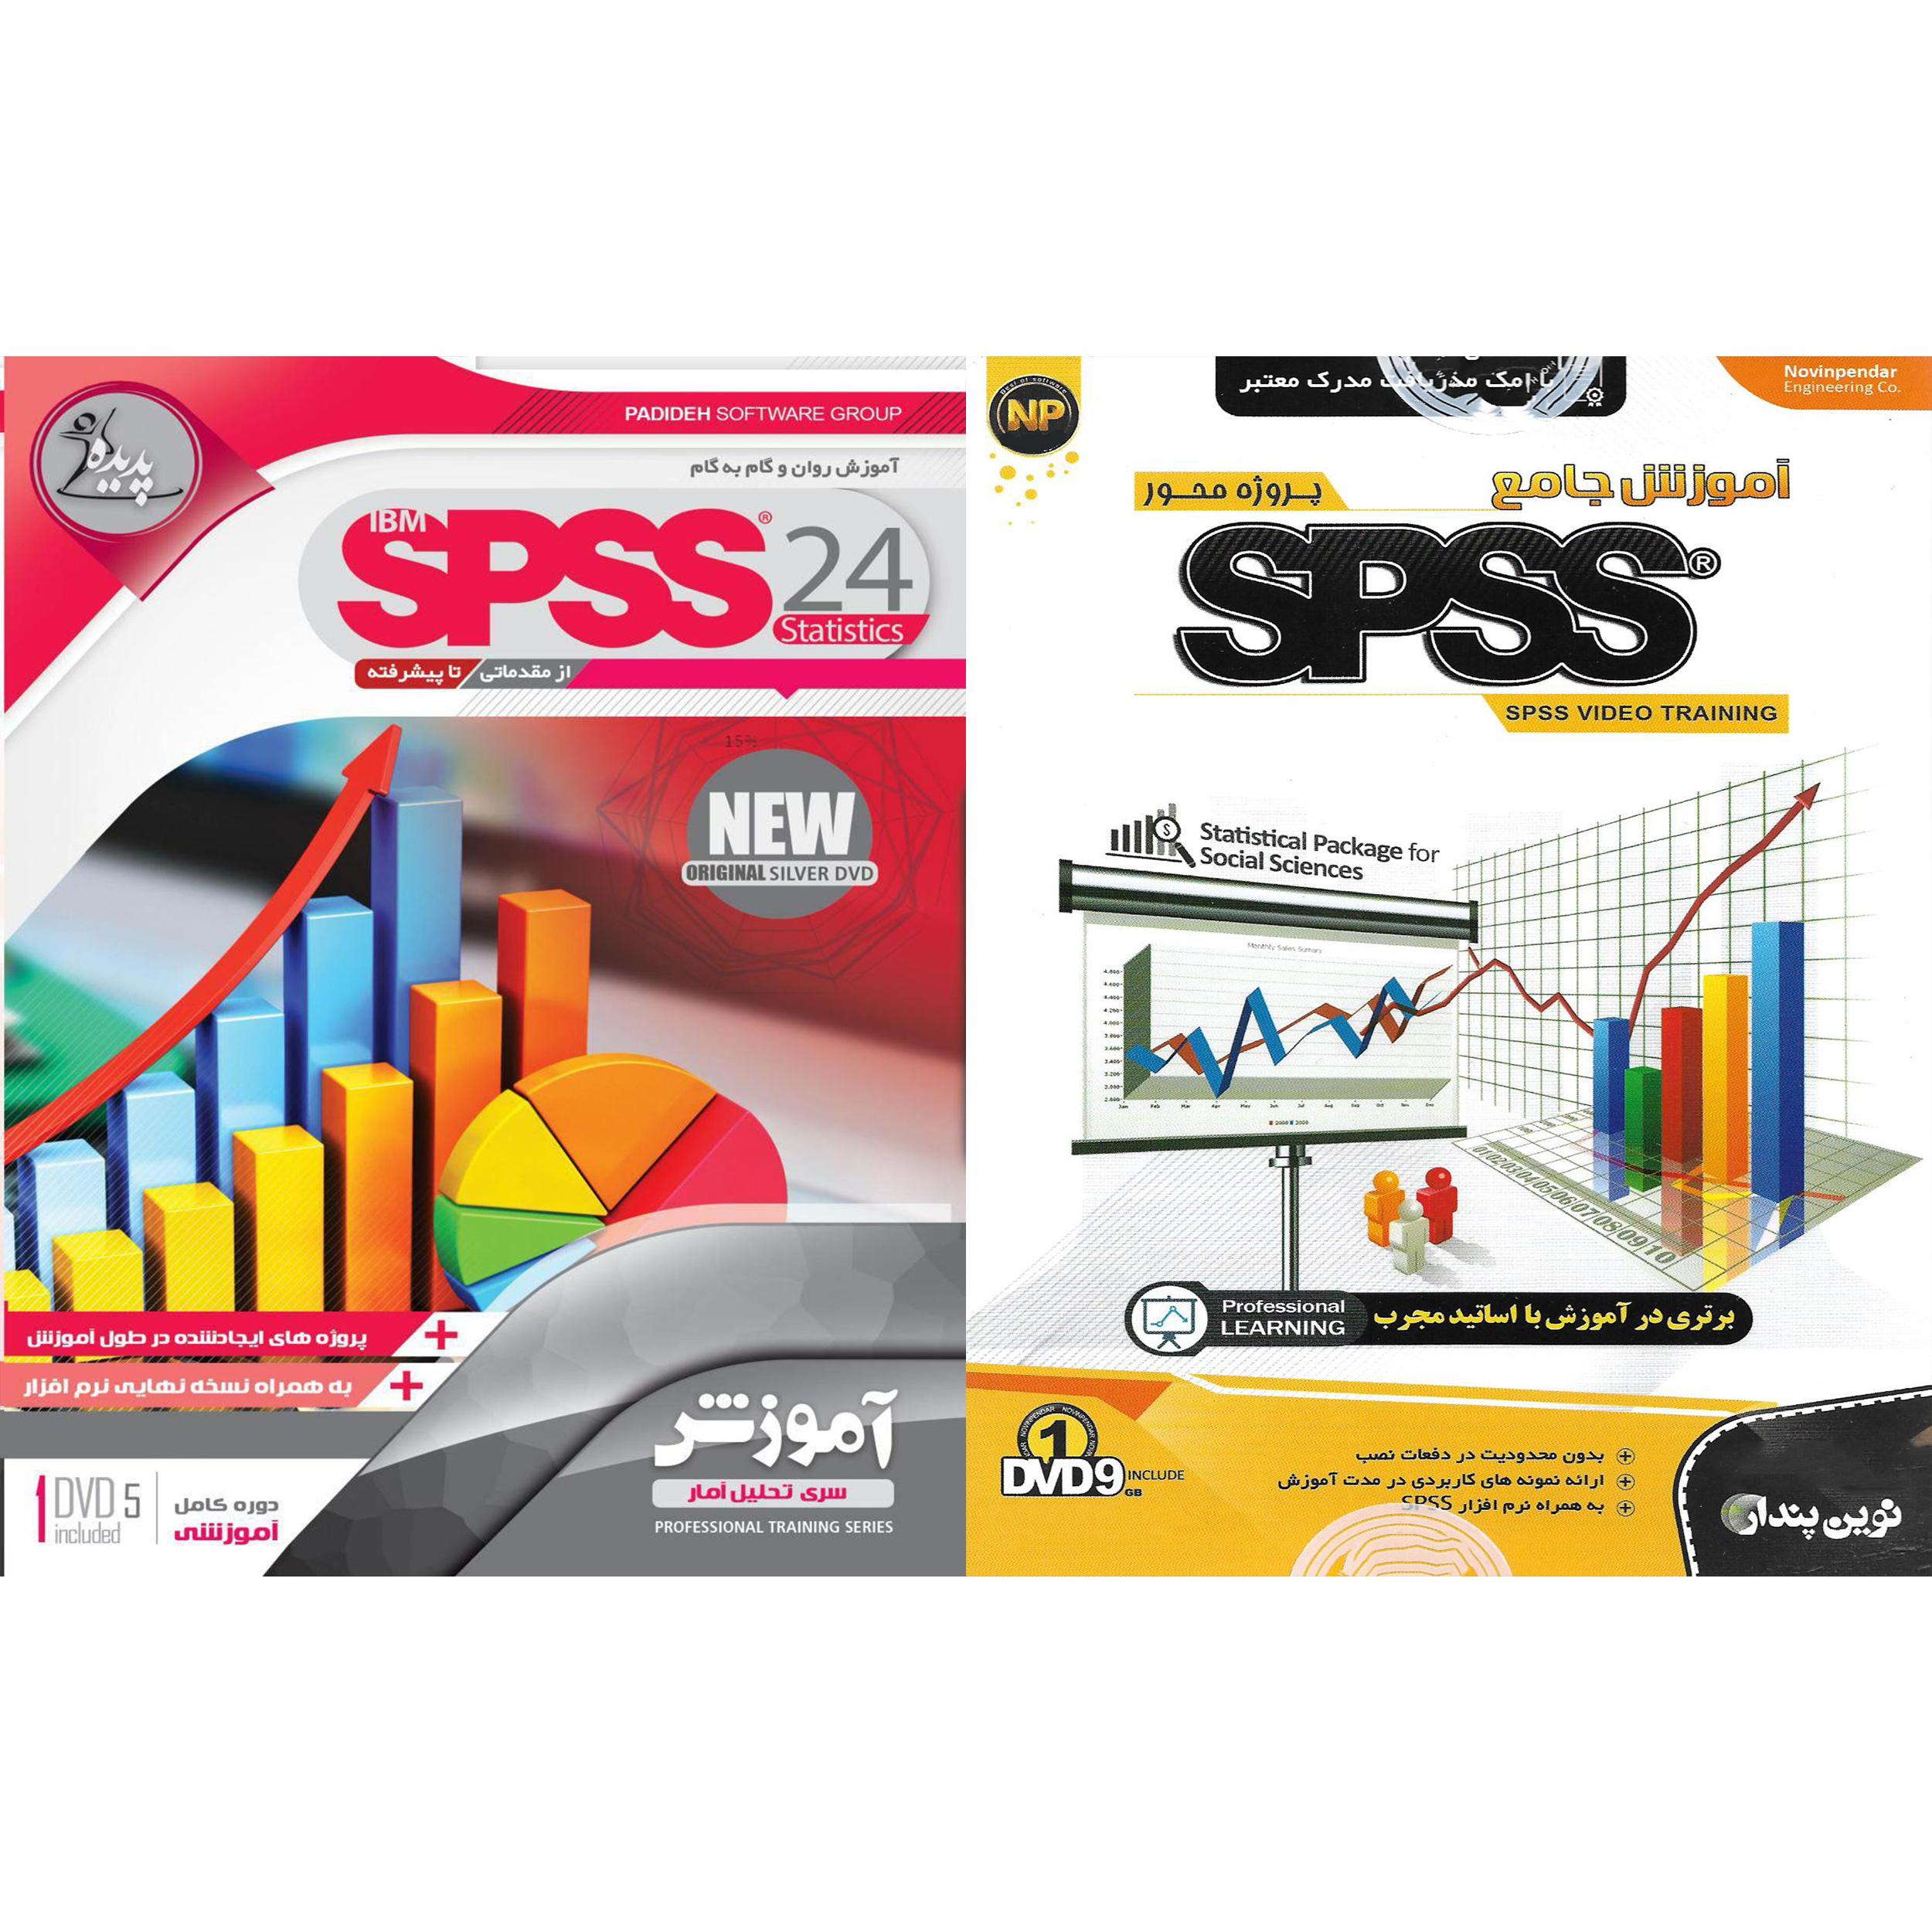 نرم افزار آموزش پروژه محور SPSS نشر نوین پندار به همراه نرم افزار آموزش SPSS نشر پدیده